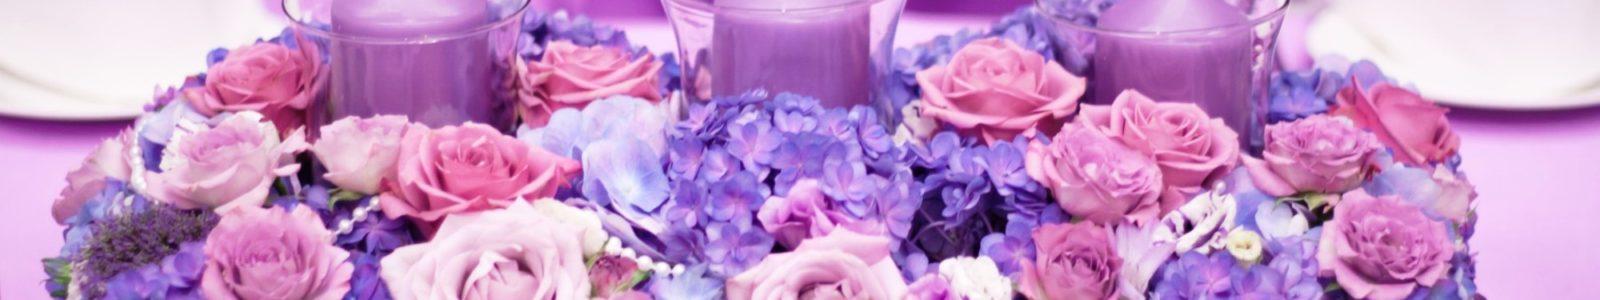 Оформление сиреневой свадьбы: что и каким образом использовать для этого?